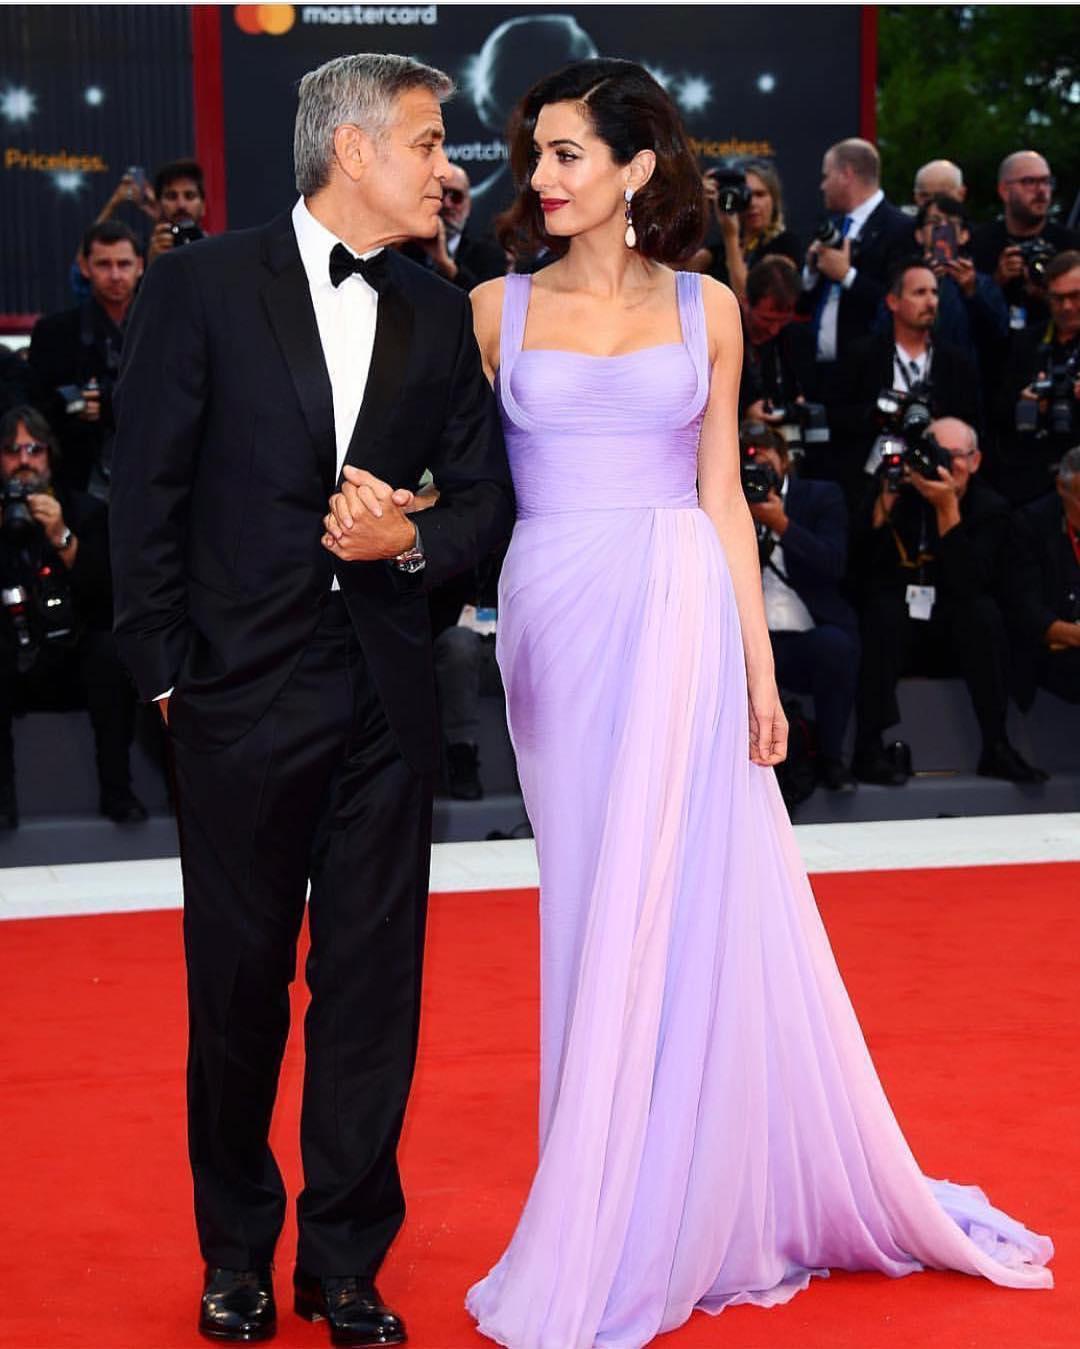 Эксклюзив! В Сети появились первые фото дочки Джорджа и Амаль Клуни